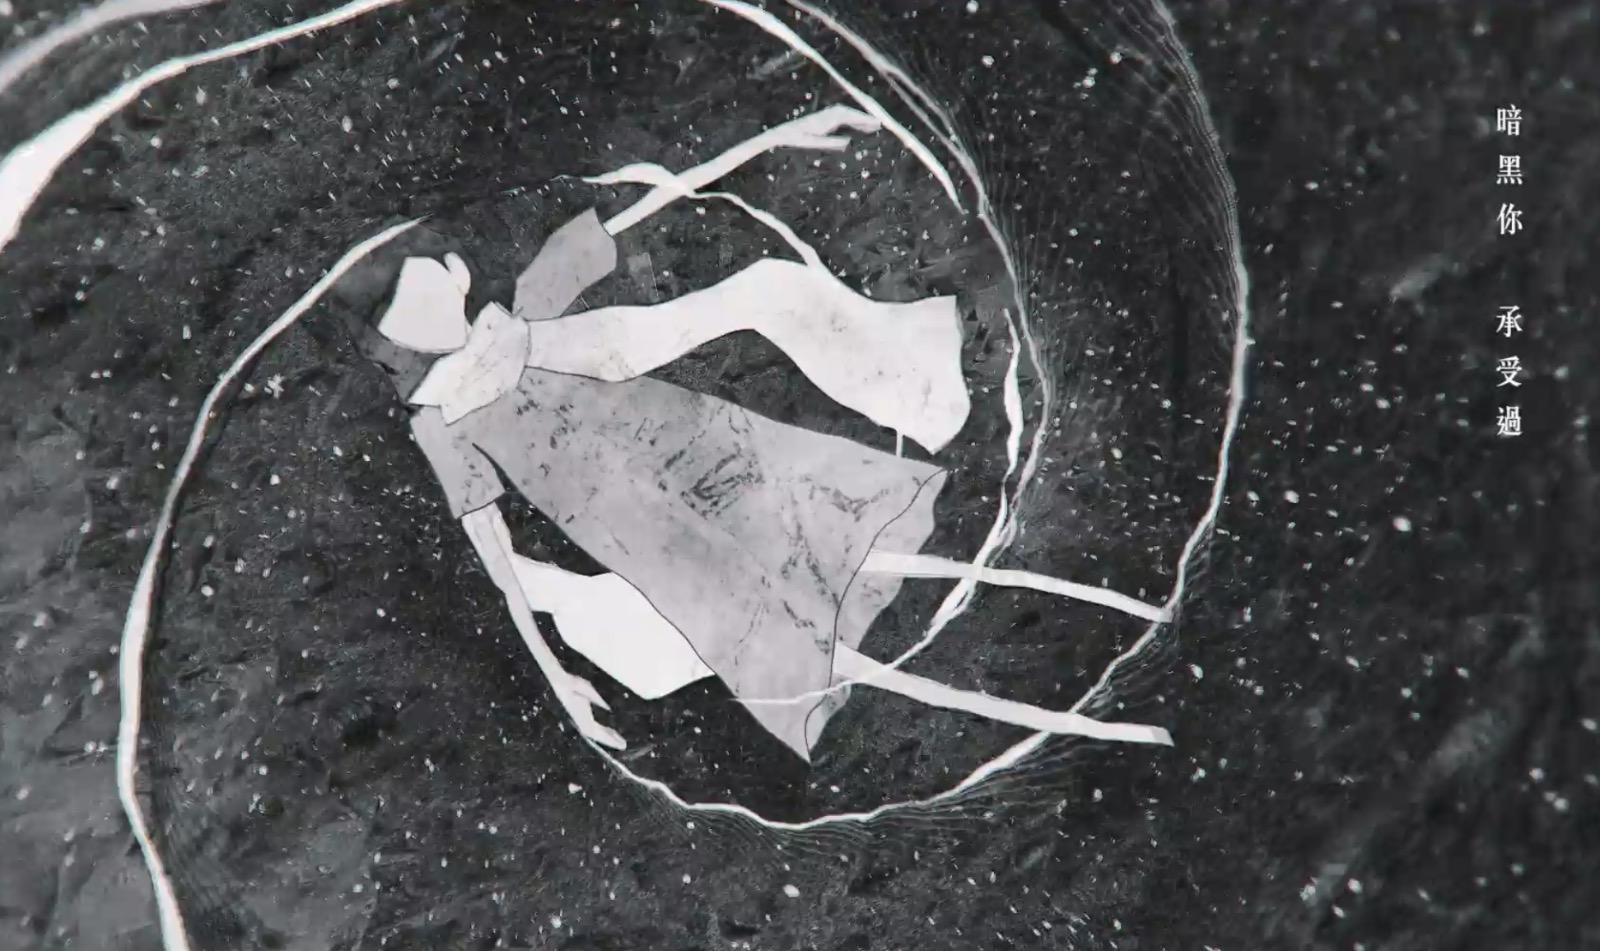 【有片】鄭欣宜新歌《小夜燈》 Wyman送給成年人的兒歌